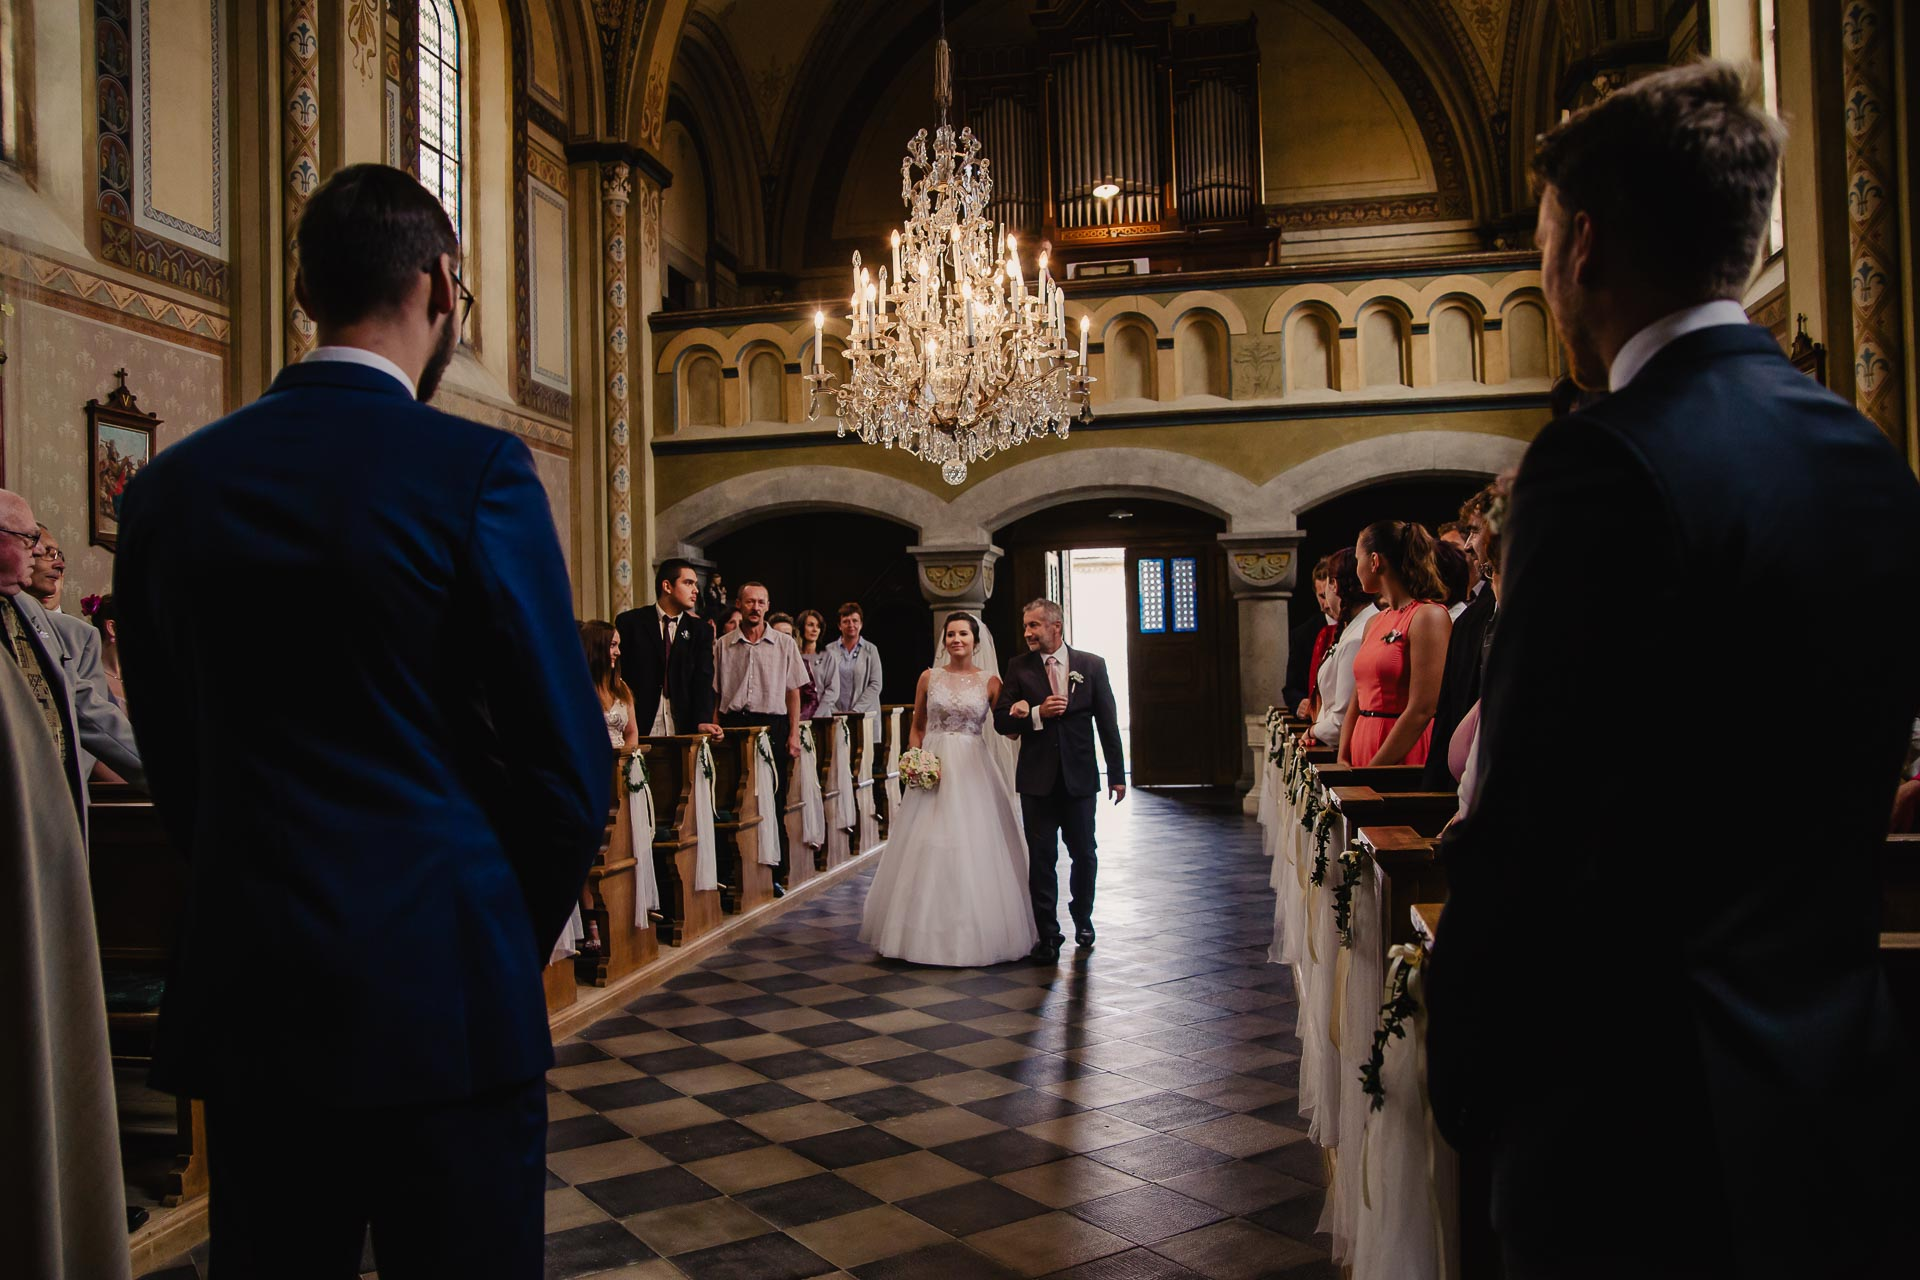 svatební fotograf Praha,svatba střední čechy, církevní obřad, svatba v kostele, nejhezčí svatební fotografie-2240